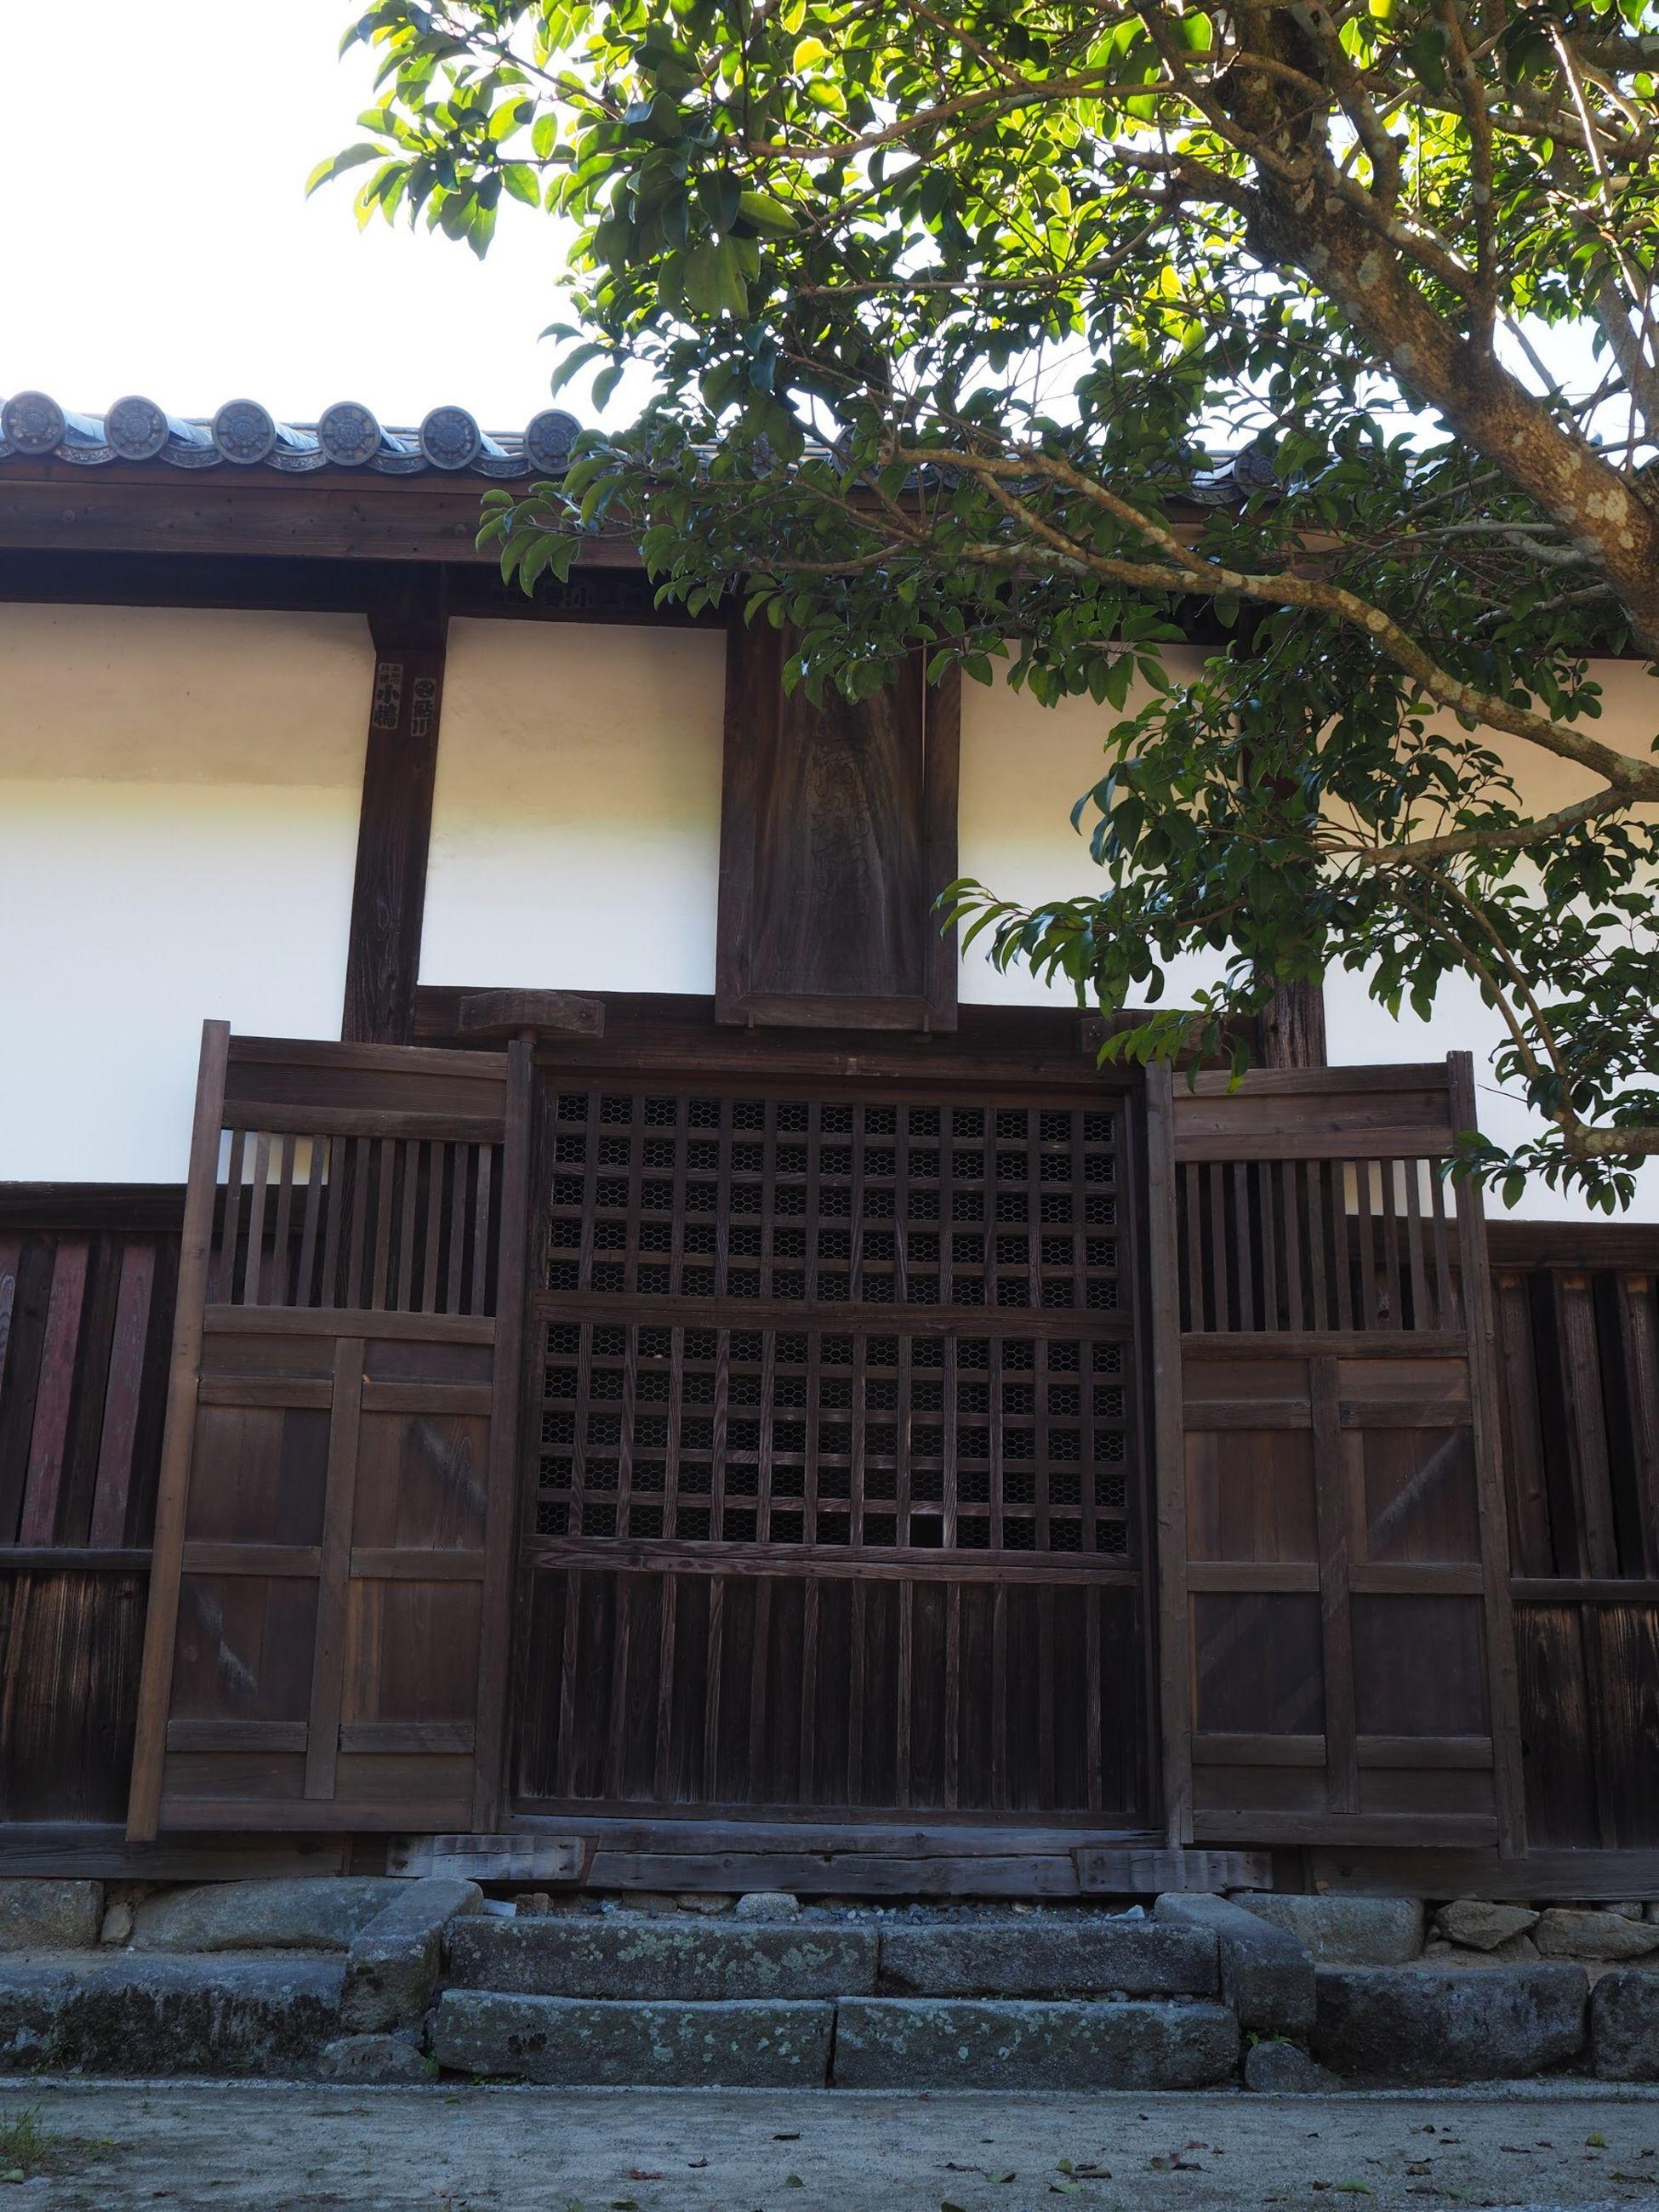 観世音寺阿弥陀堂 Japanese Temple Taking Photos Hello World